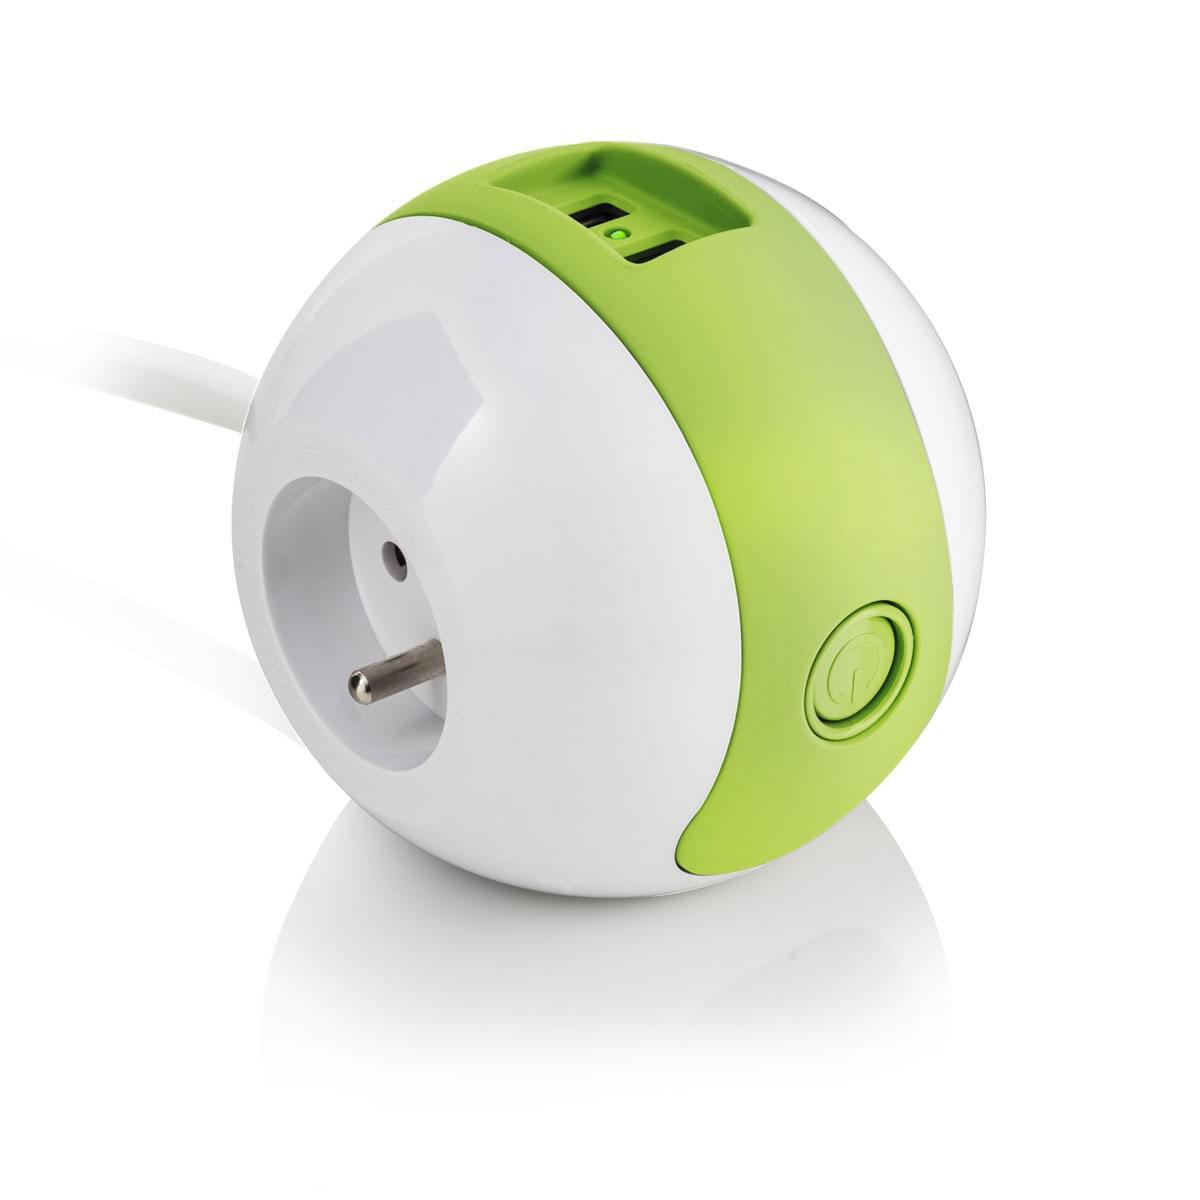 Wattball - Vert  16A + 6A + USBX2 - bouton ON/OFF  - Onduleur watt And Co - 0